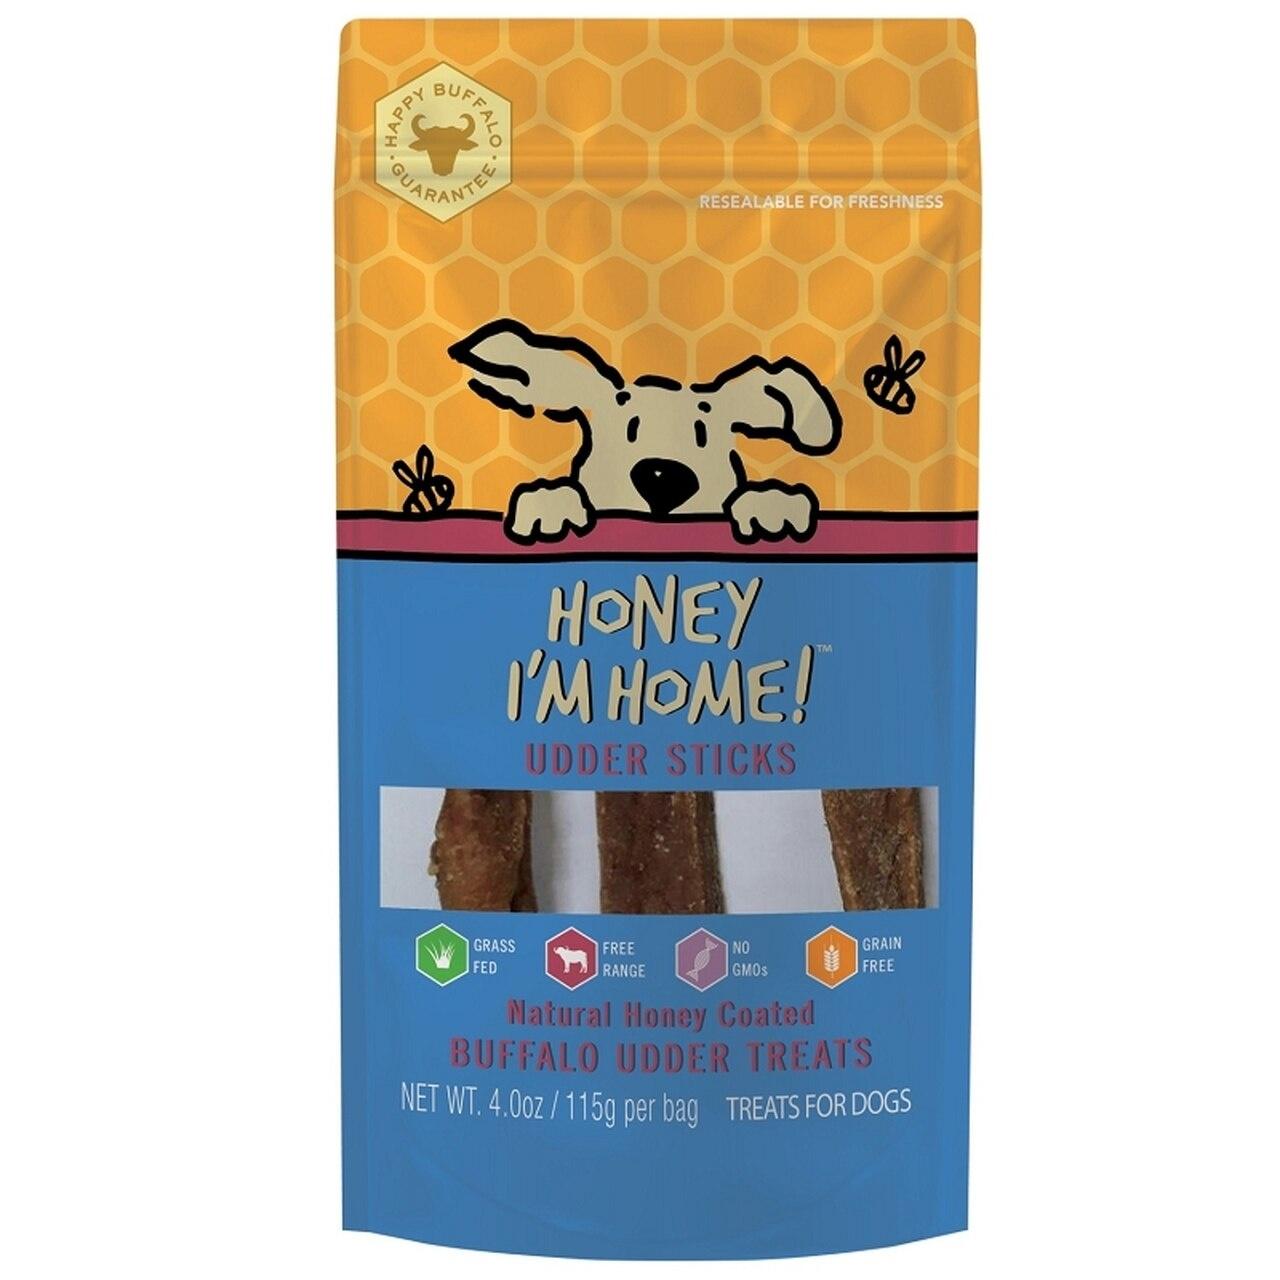 Honey I'm Home Honey Coated Udder Sticks Dog Treat, 4 oz.